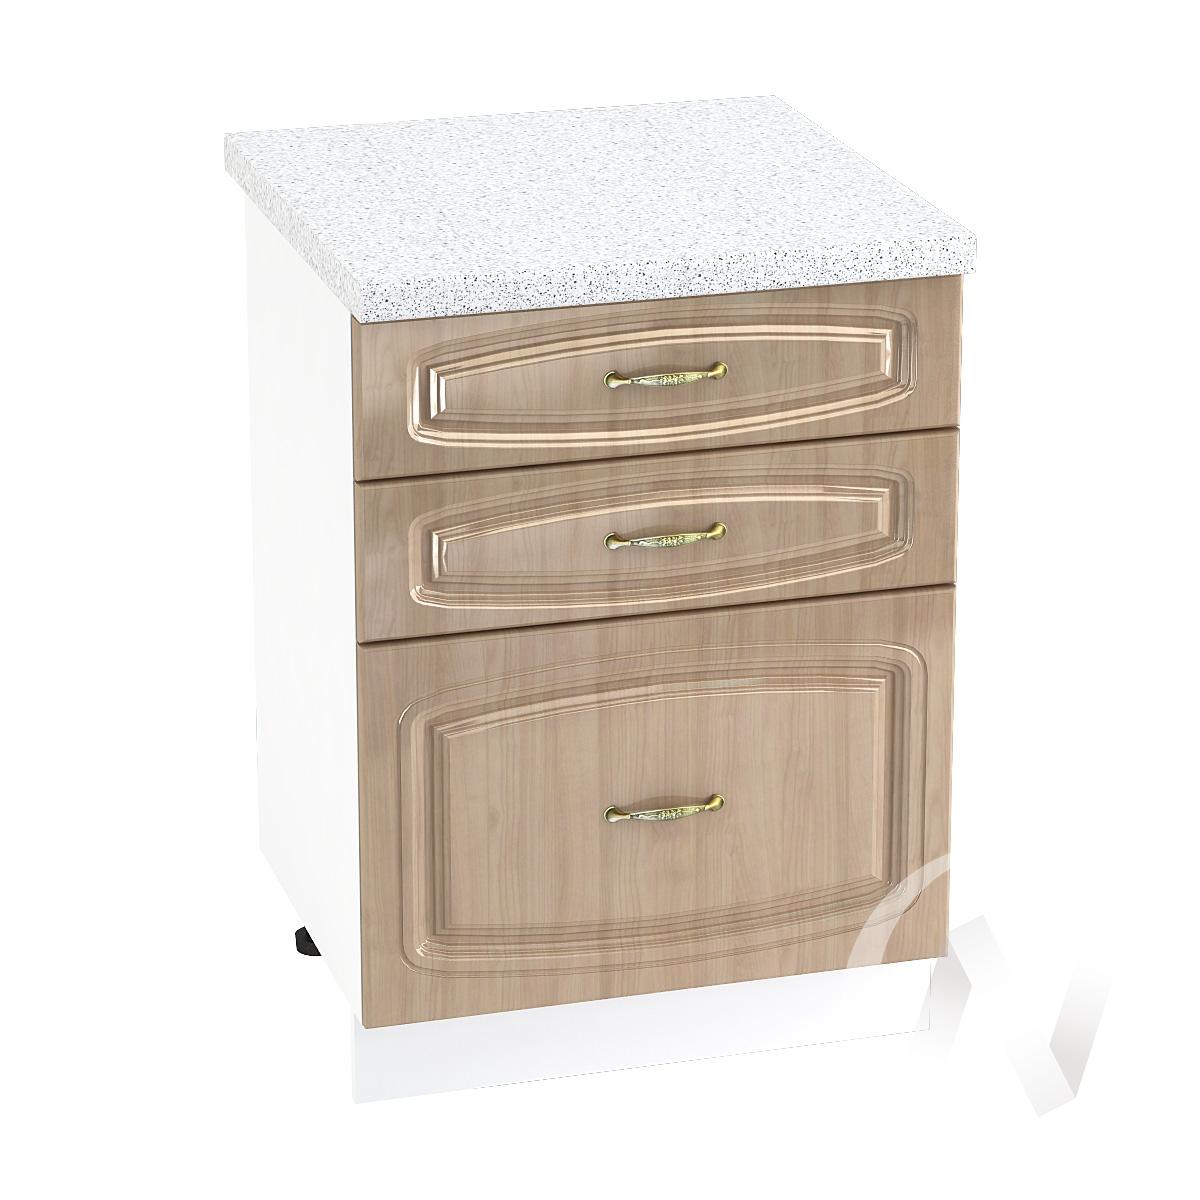 """Кухня """"Сити"""": Шкаф нижний с 3-мя ящиками 600, ШН3Я 600 (корпус белый)"""